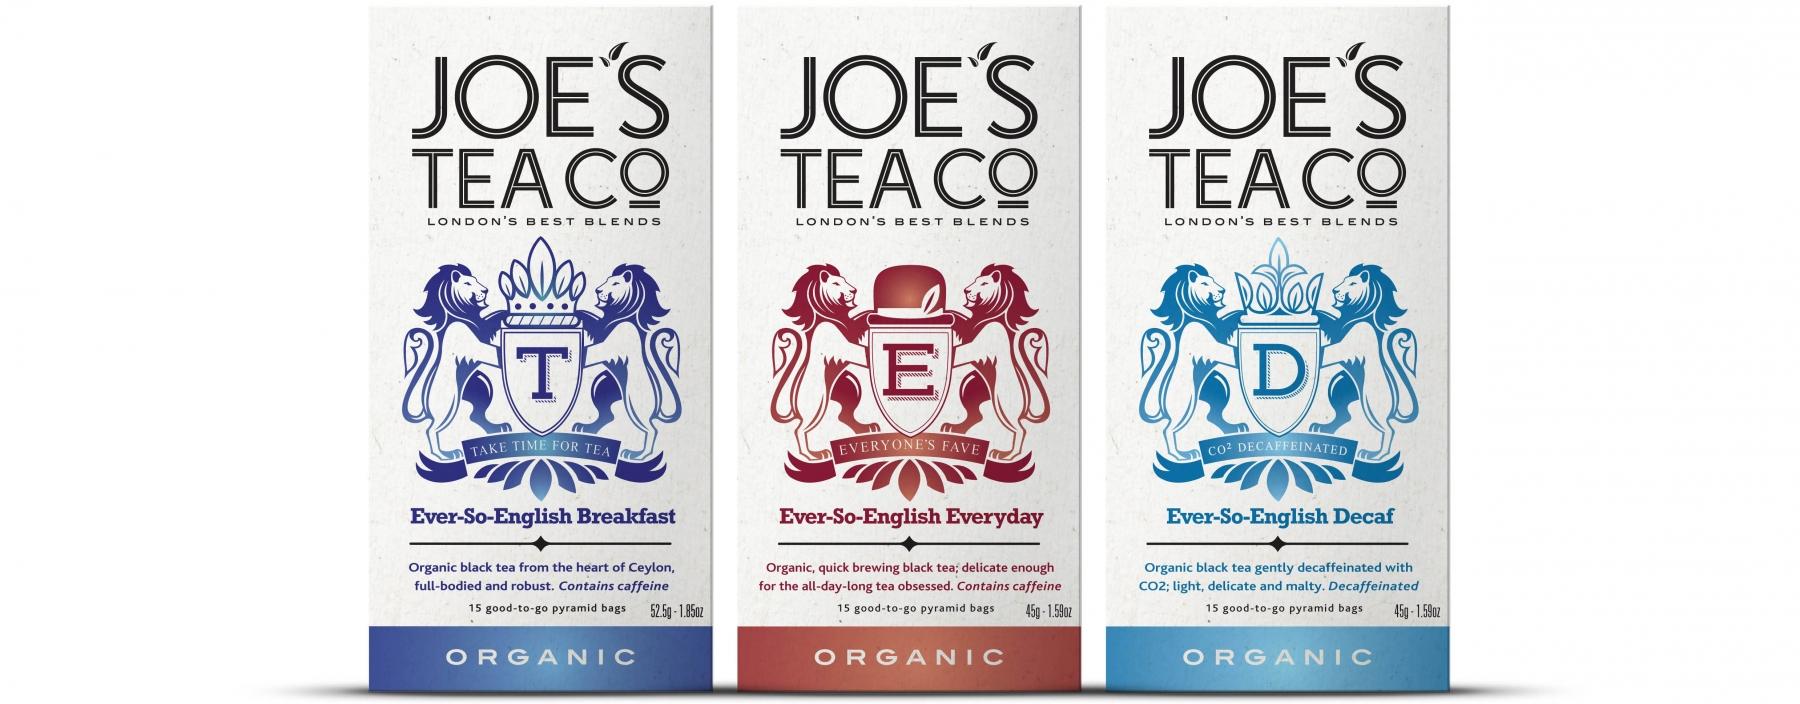 Joe's Tea Co. new ever-so-english family